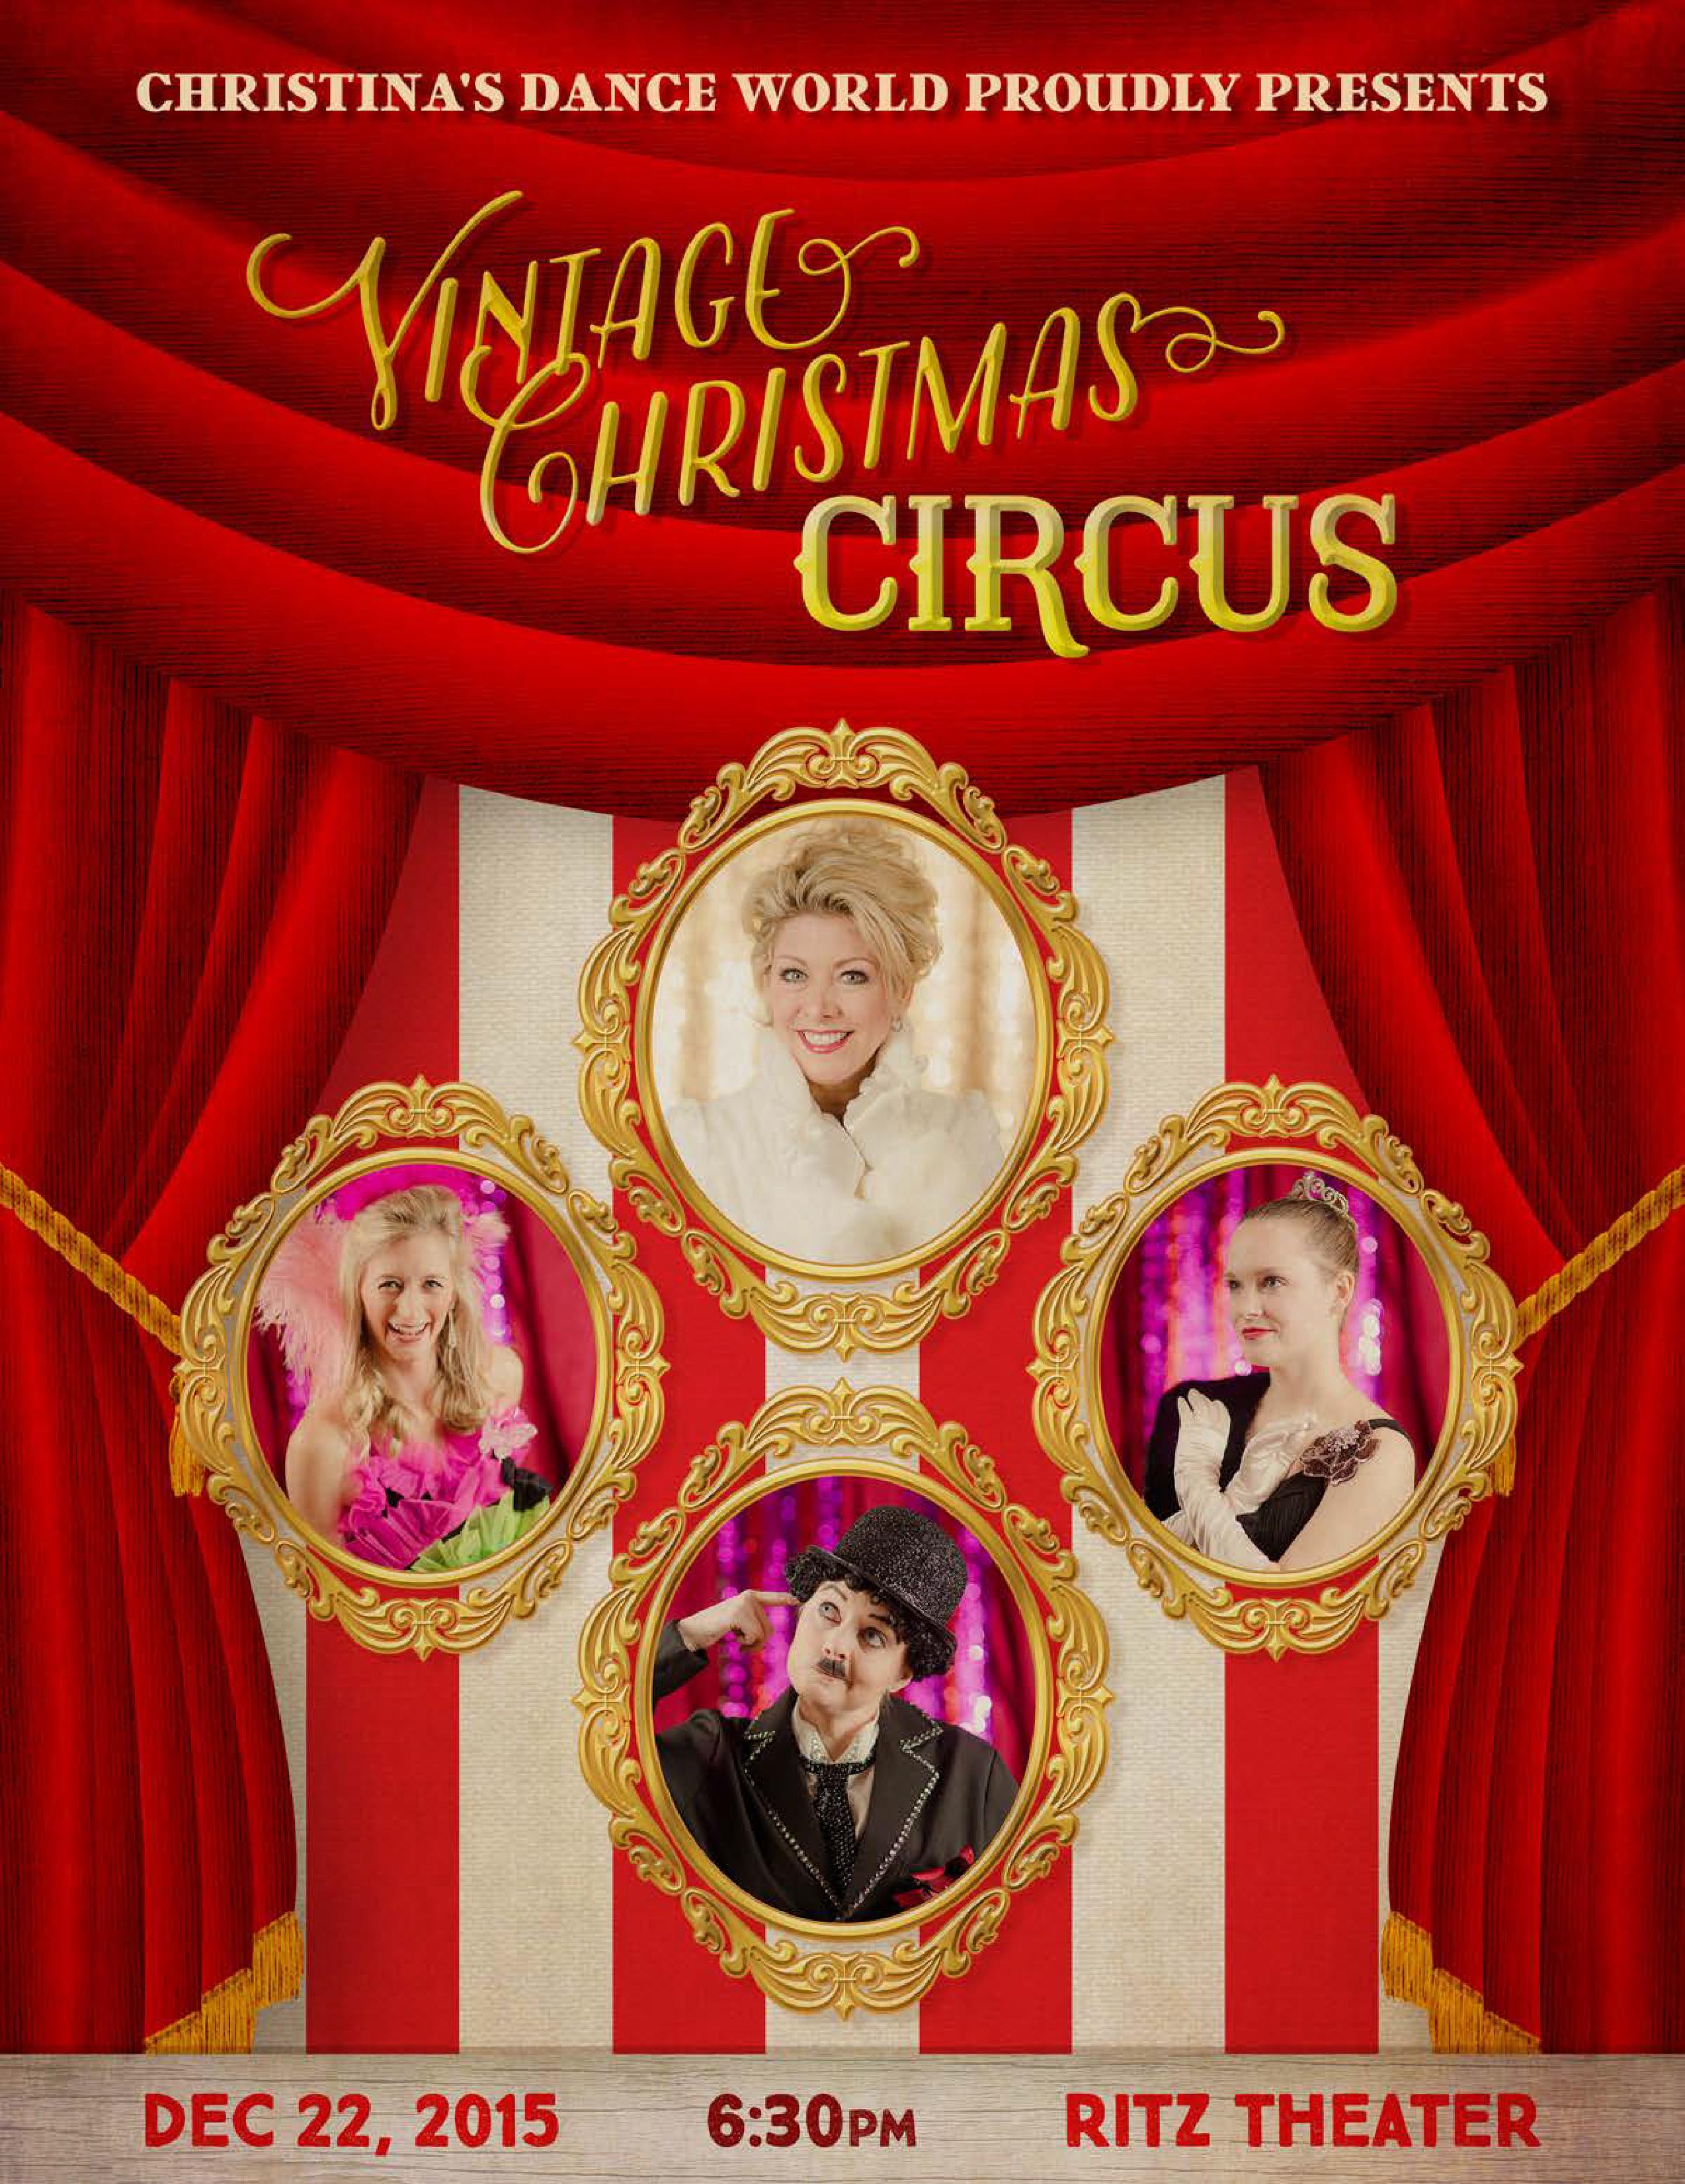 Vintage Christmas Circus - Show Program - WEB